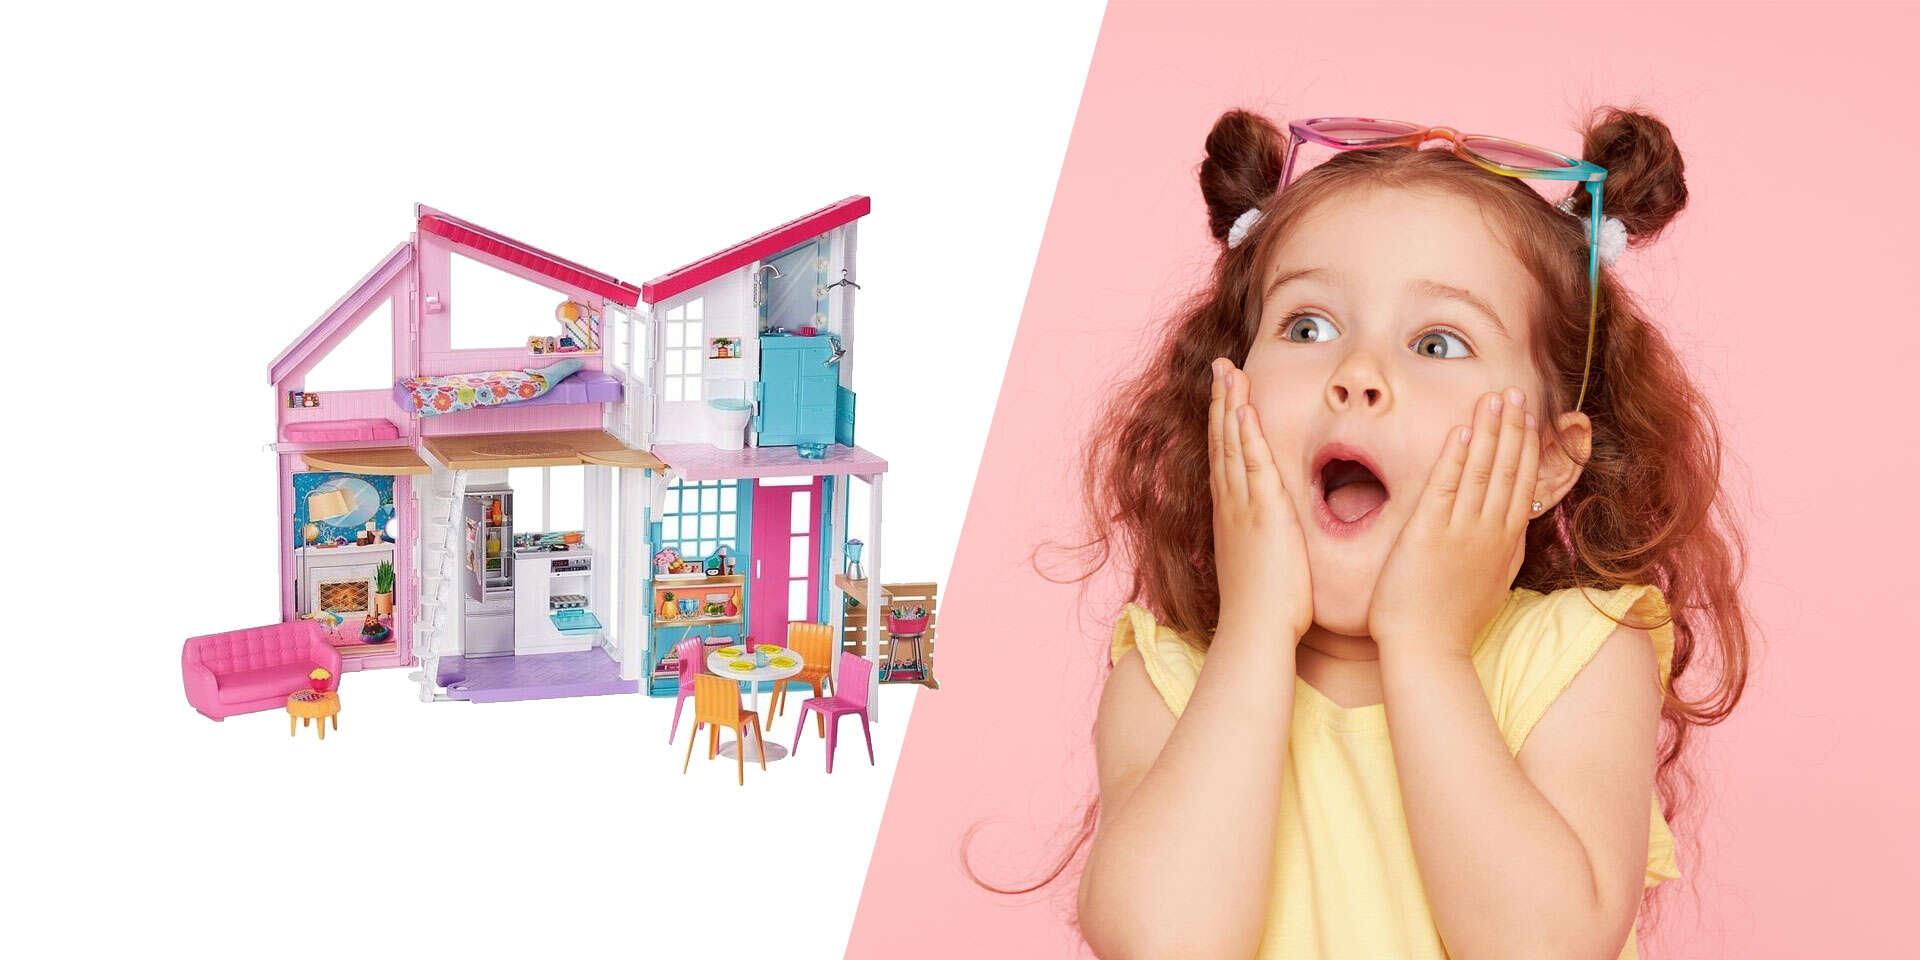 Dvojposchodový dom Malibu od Mattela pre všetky milovníčky Barbie